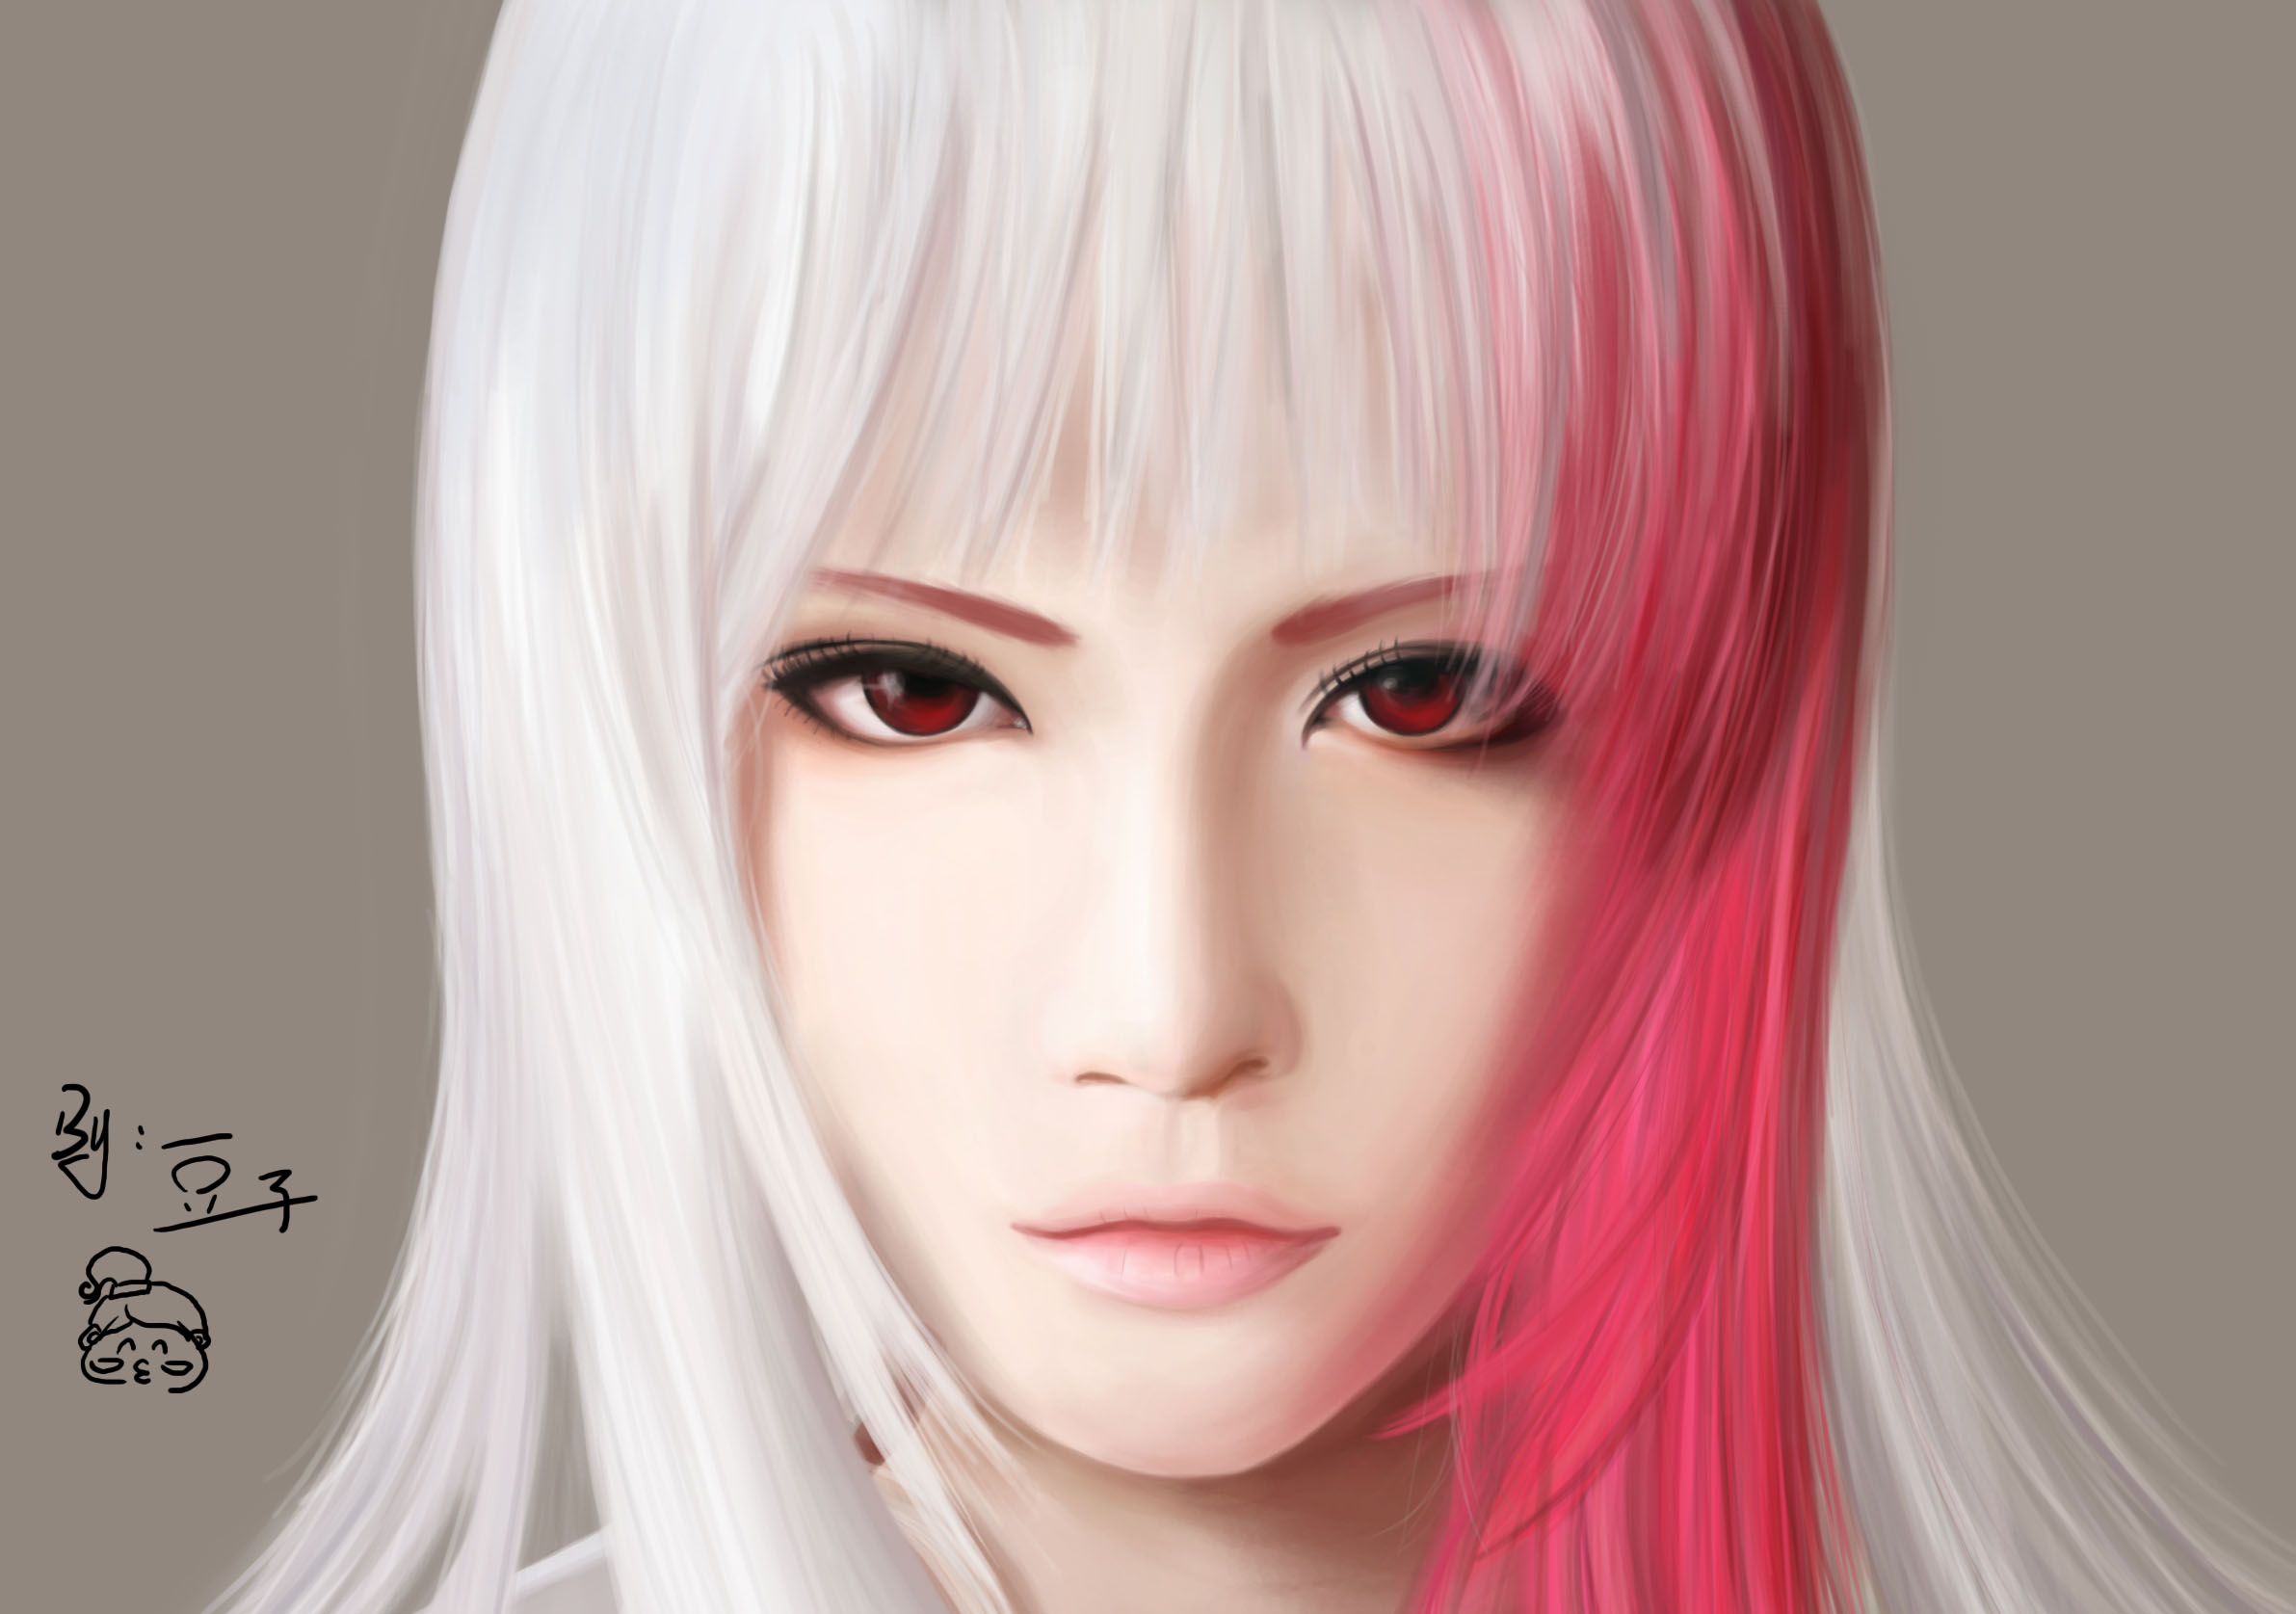 网络爆红的唯美cosplay作品 黄山 小小白 王爷 高清图片